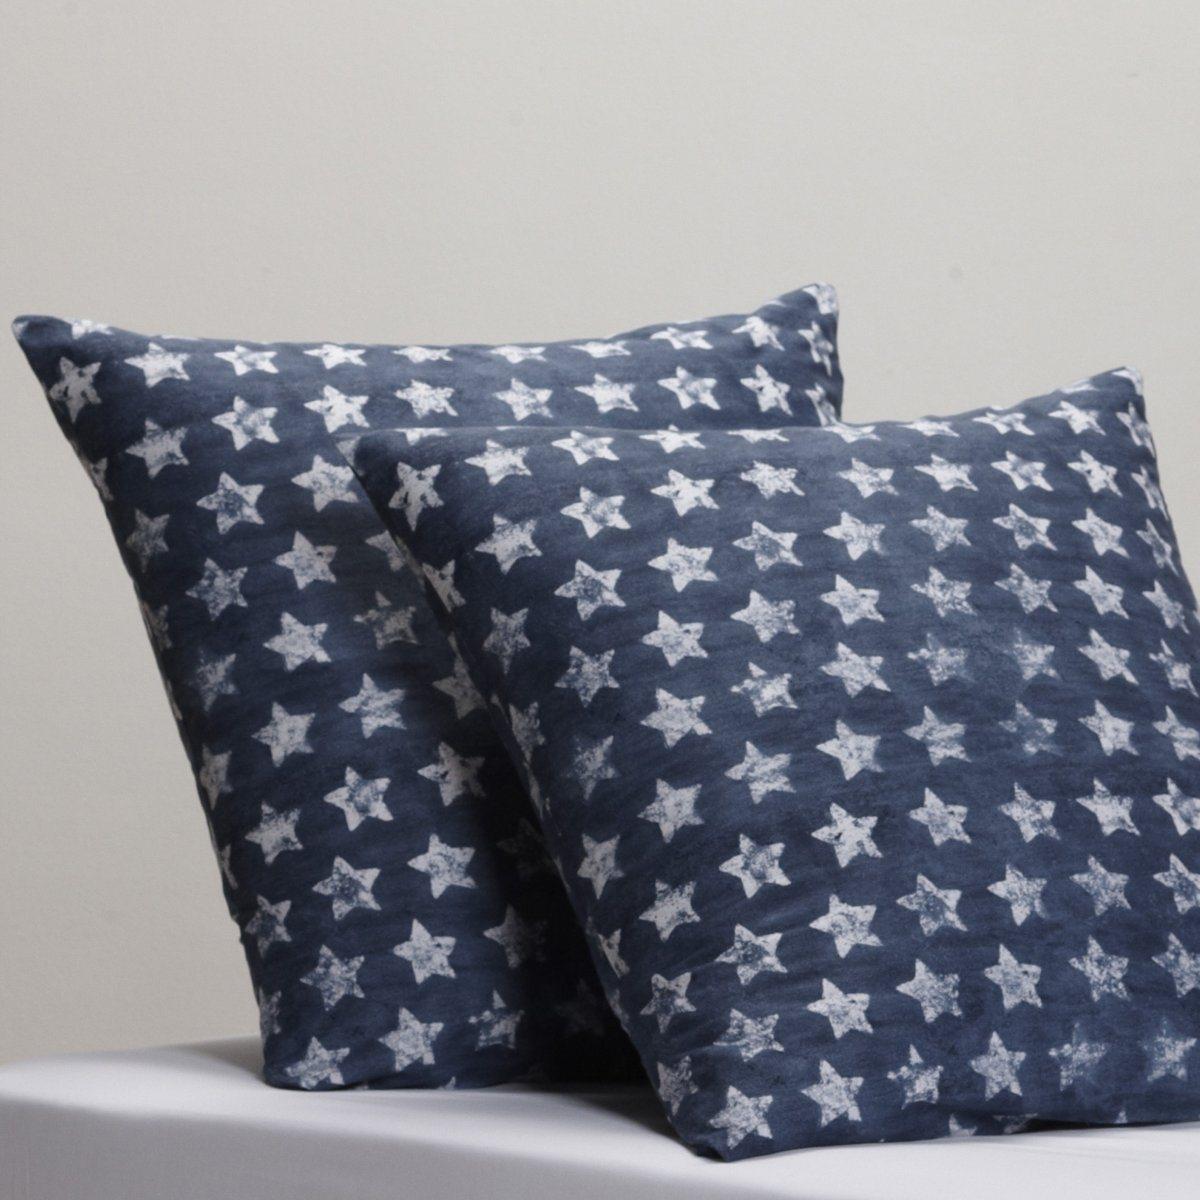 Наволочка Флаг СШАКачество Valeur S?re. Американская мечта… Белые звезды на синем фоне. 100% хлопка, 57 нитей/см?. Стирка при 60°. Квадратная или прямоугольная. Рисунок со звездами. Размер:  50 x 70 см : прямоуг. 63 x 63 см : квадрат.<br><br>Цвет: темно-синий/белый